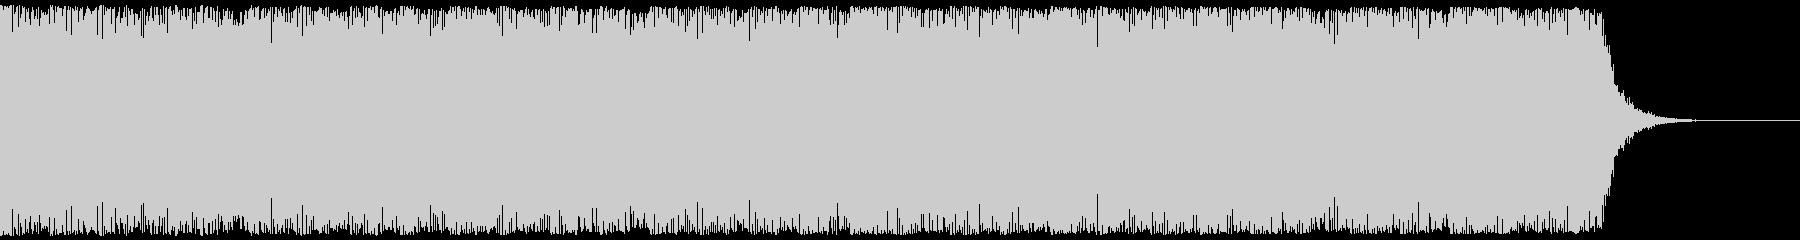 SFホラー、バイオレンスホラー映像の未再生の波形